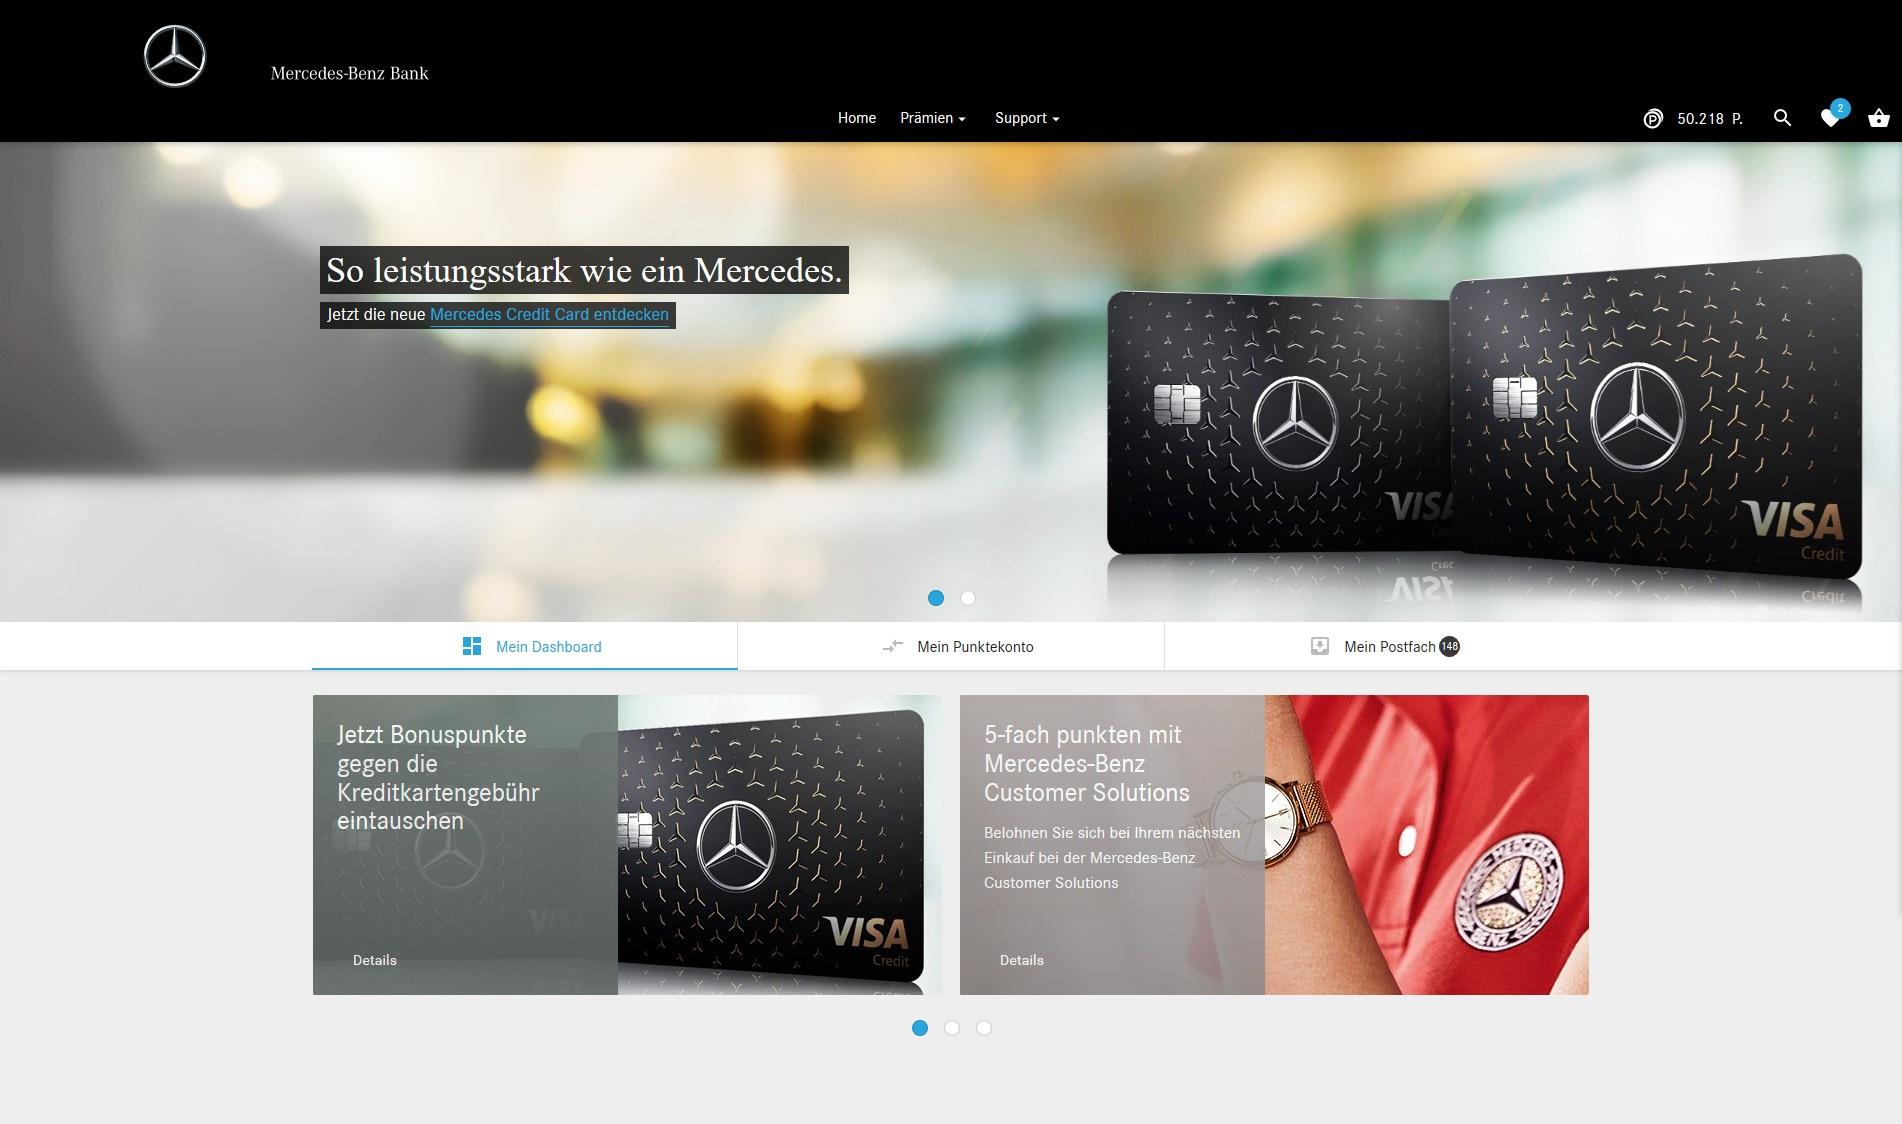 Mercedes Benz Bank Kundenbindung